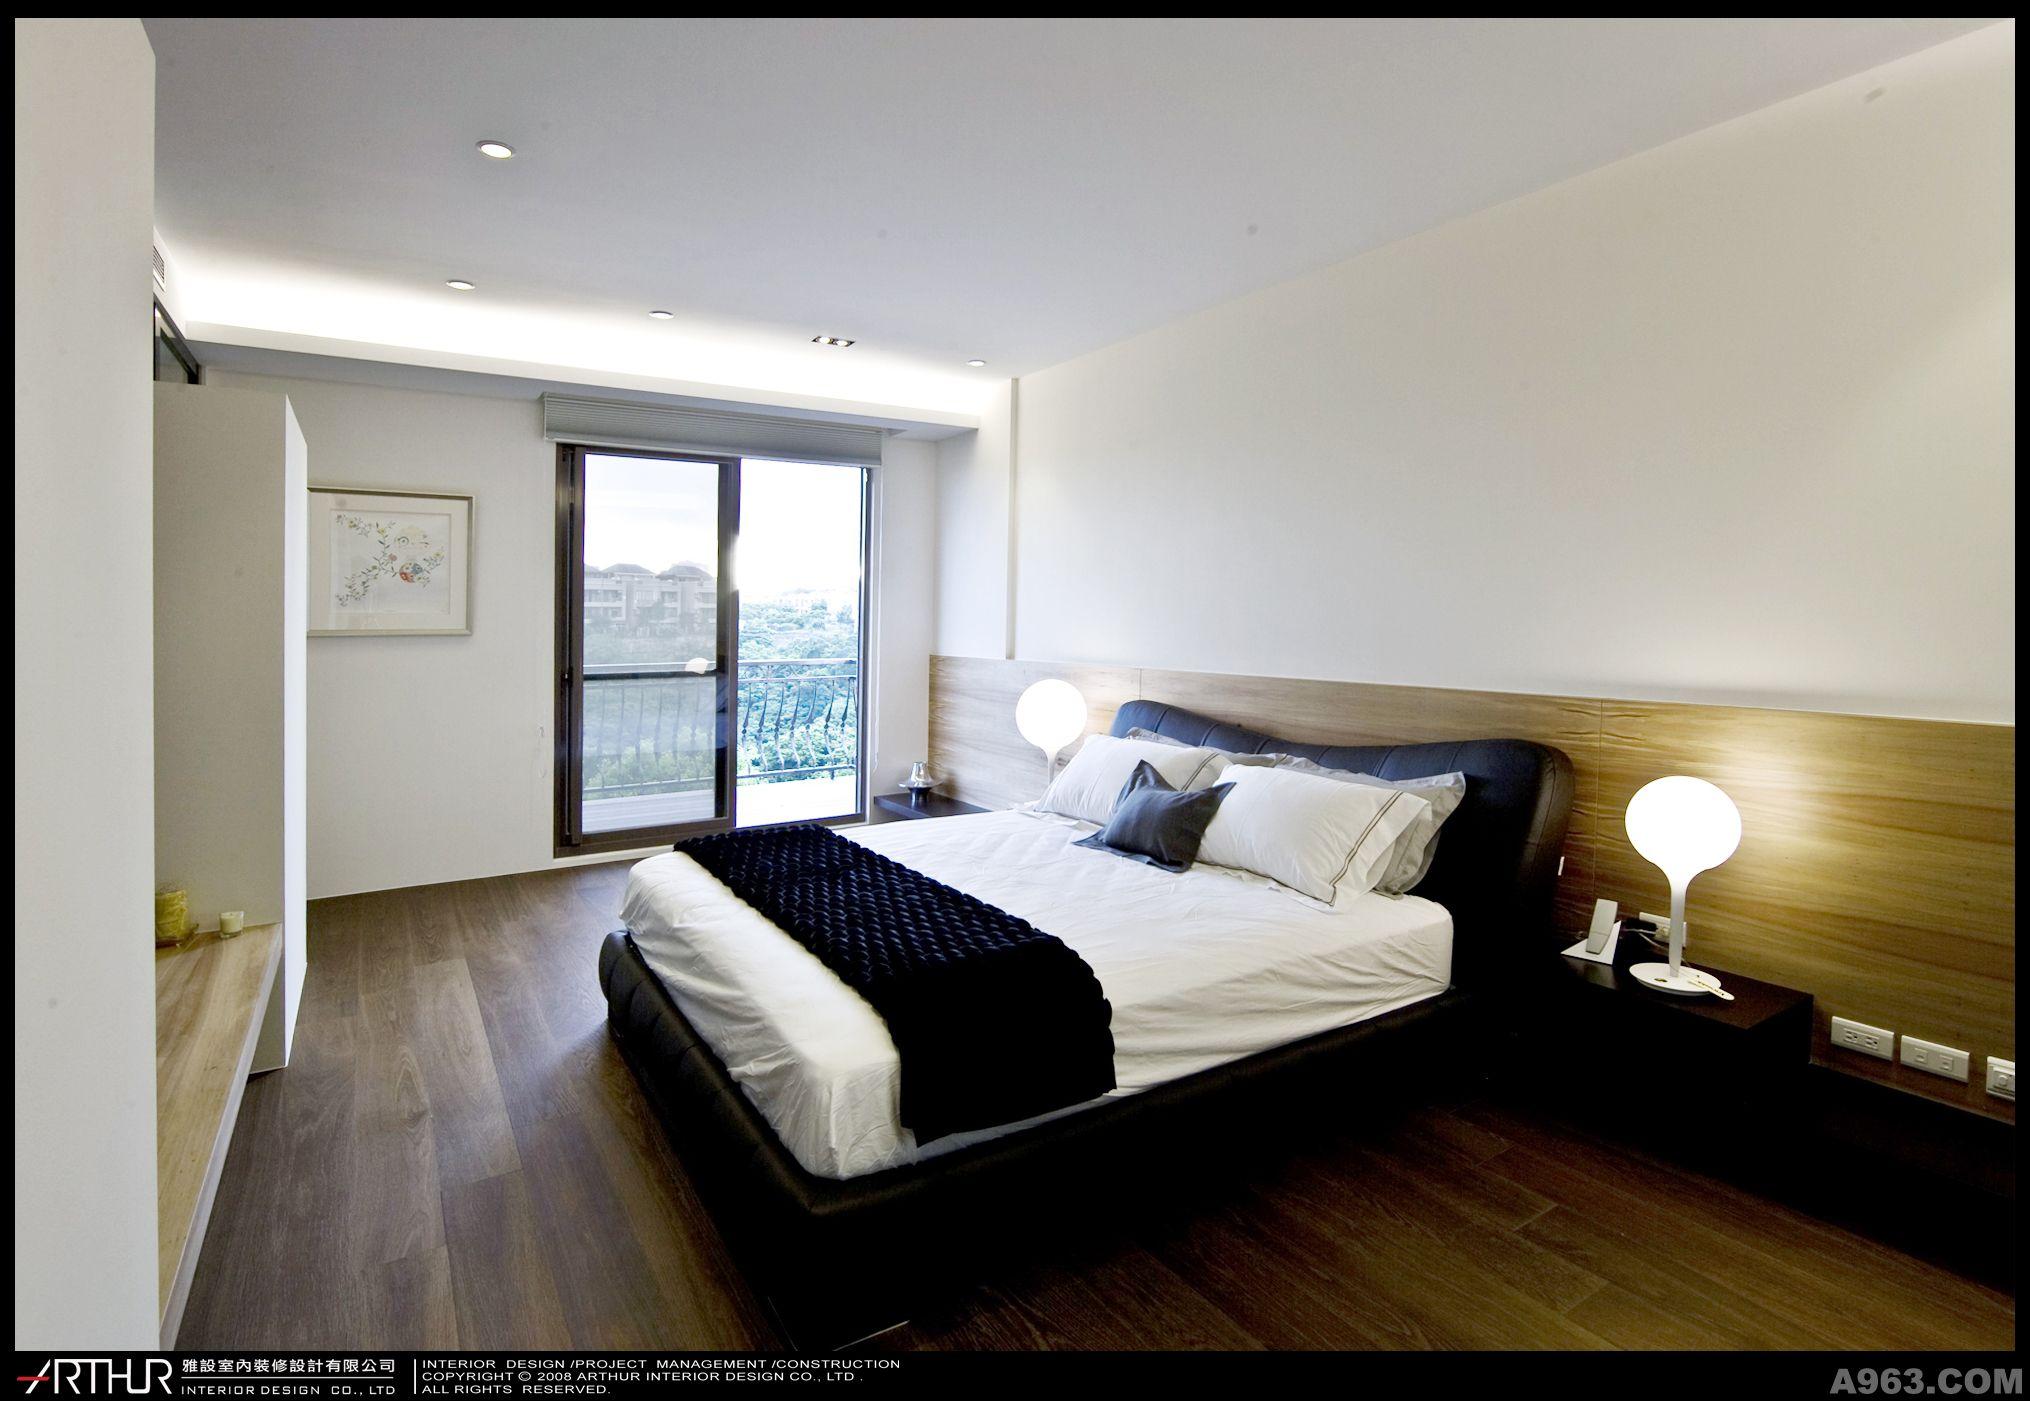 三,材质:木地板,环塑木,蓝玛石,竹百叶,卷帘,玻璃,烤漆钢板,大干